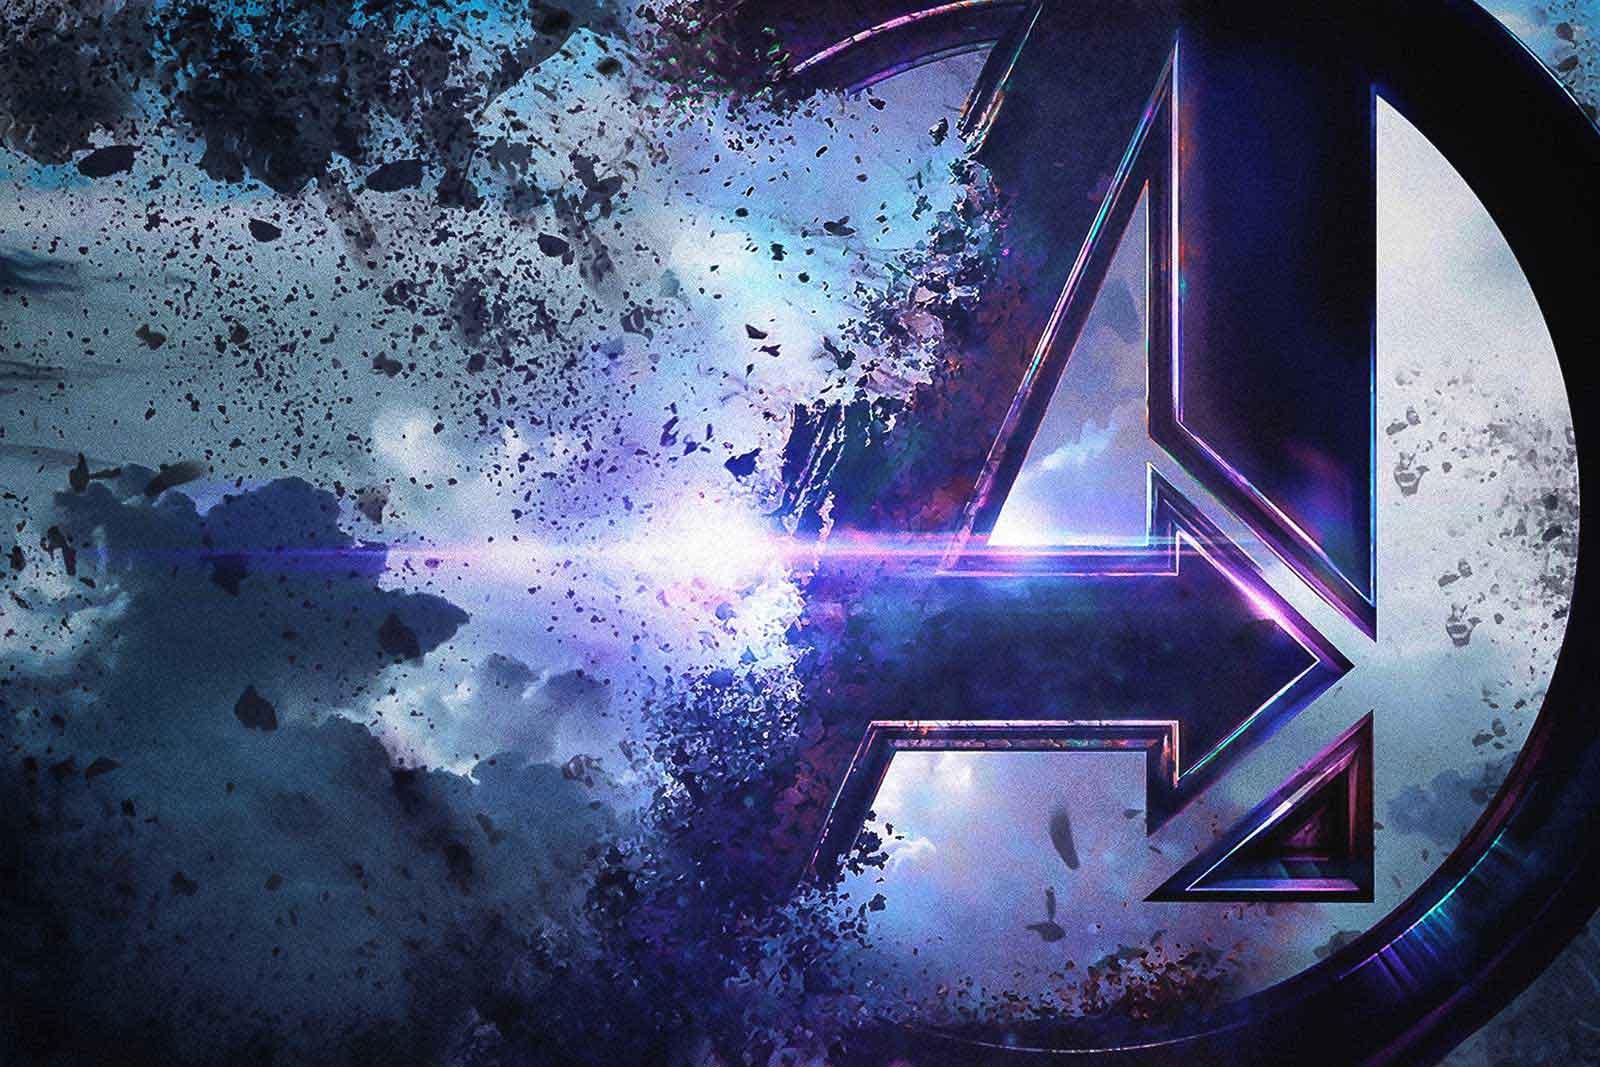 Avengers Endgame Digital Marketing Strategy